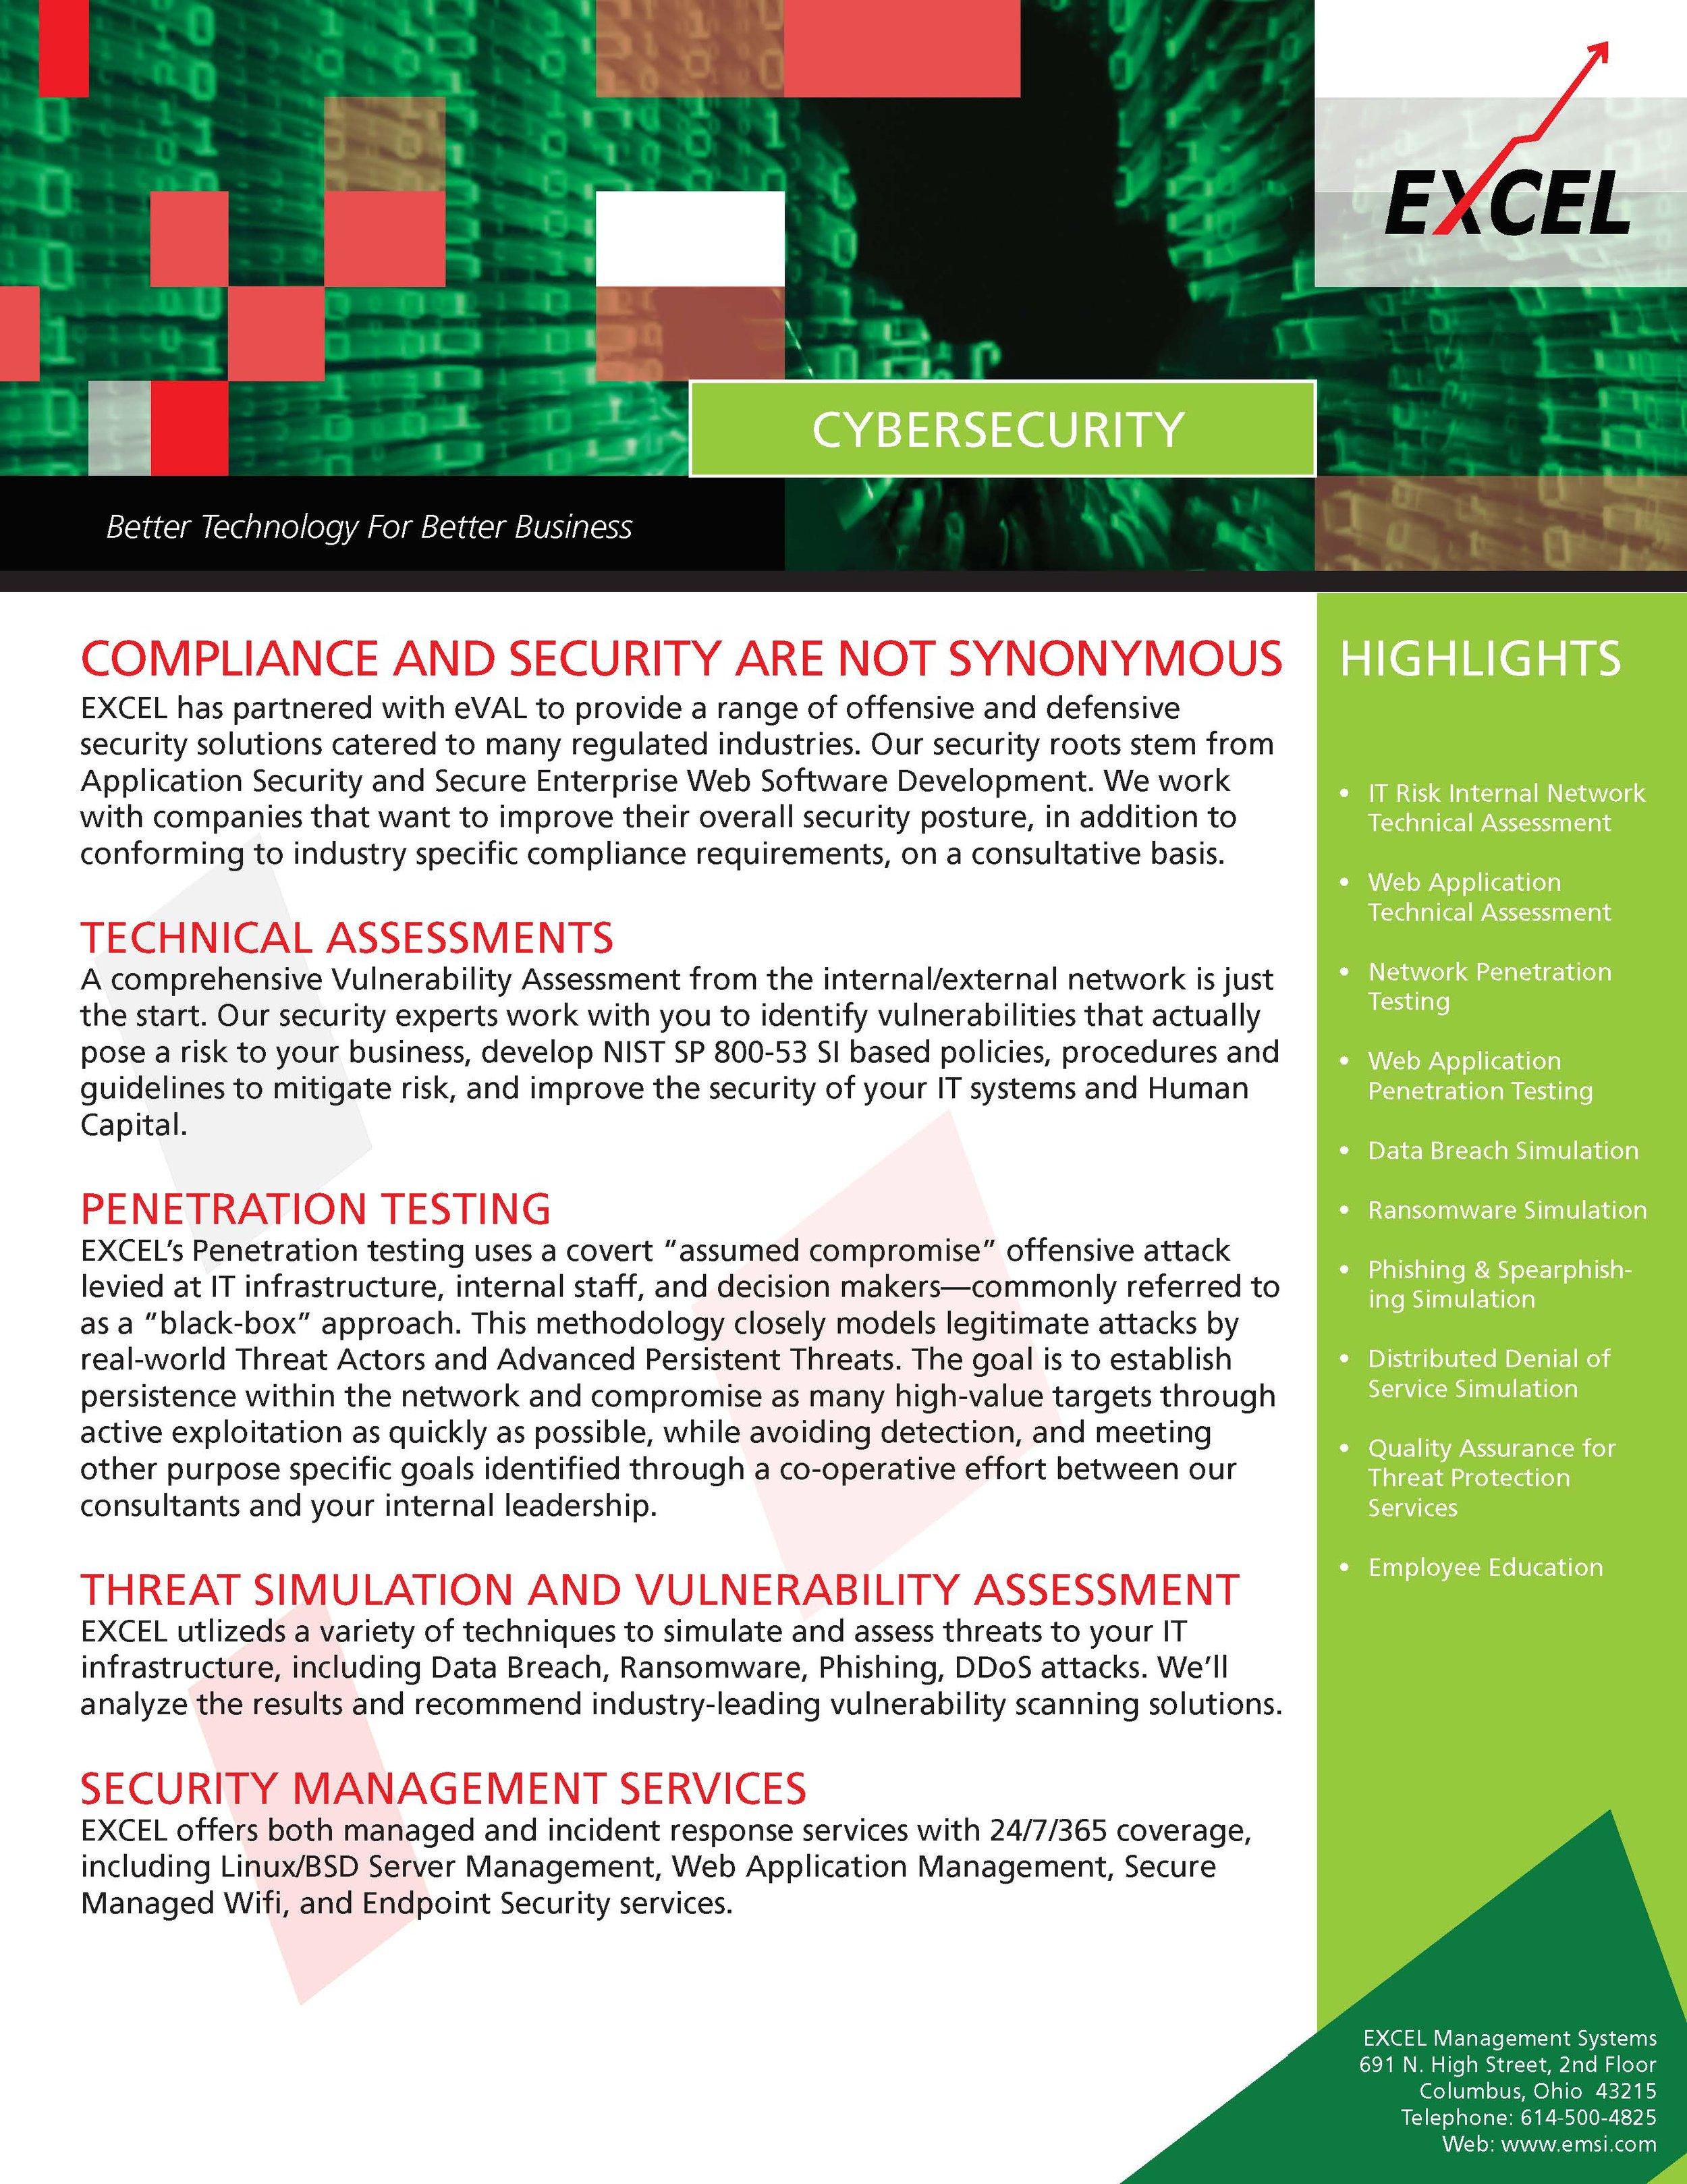 7 Information Security v9 Spiral.jpg